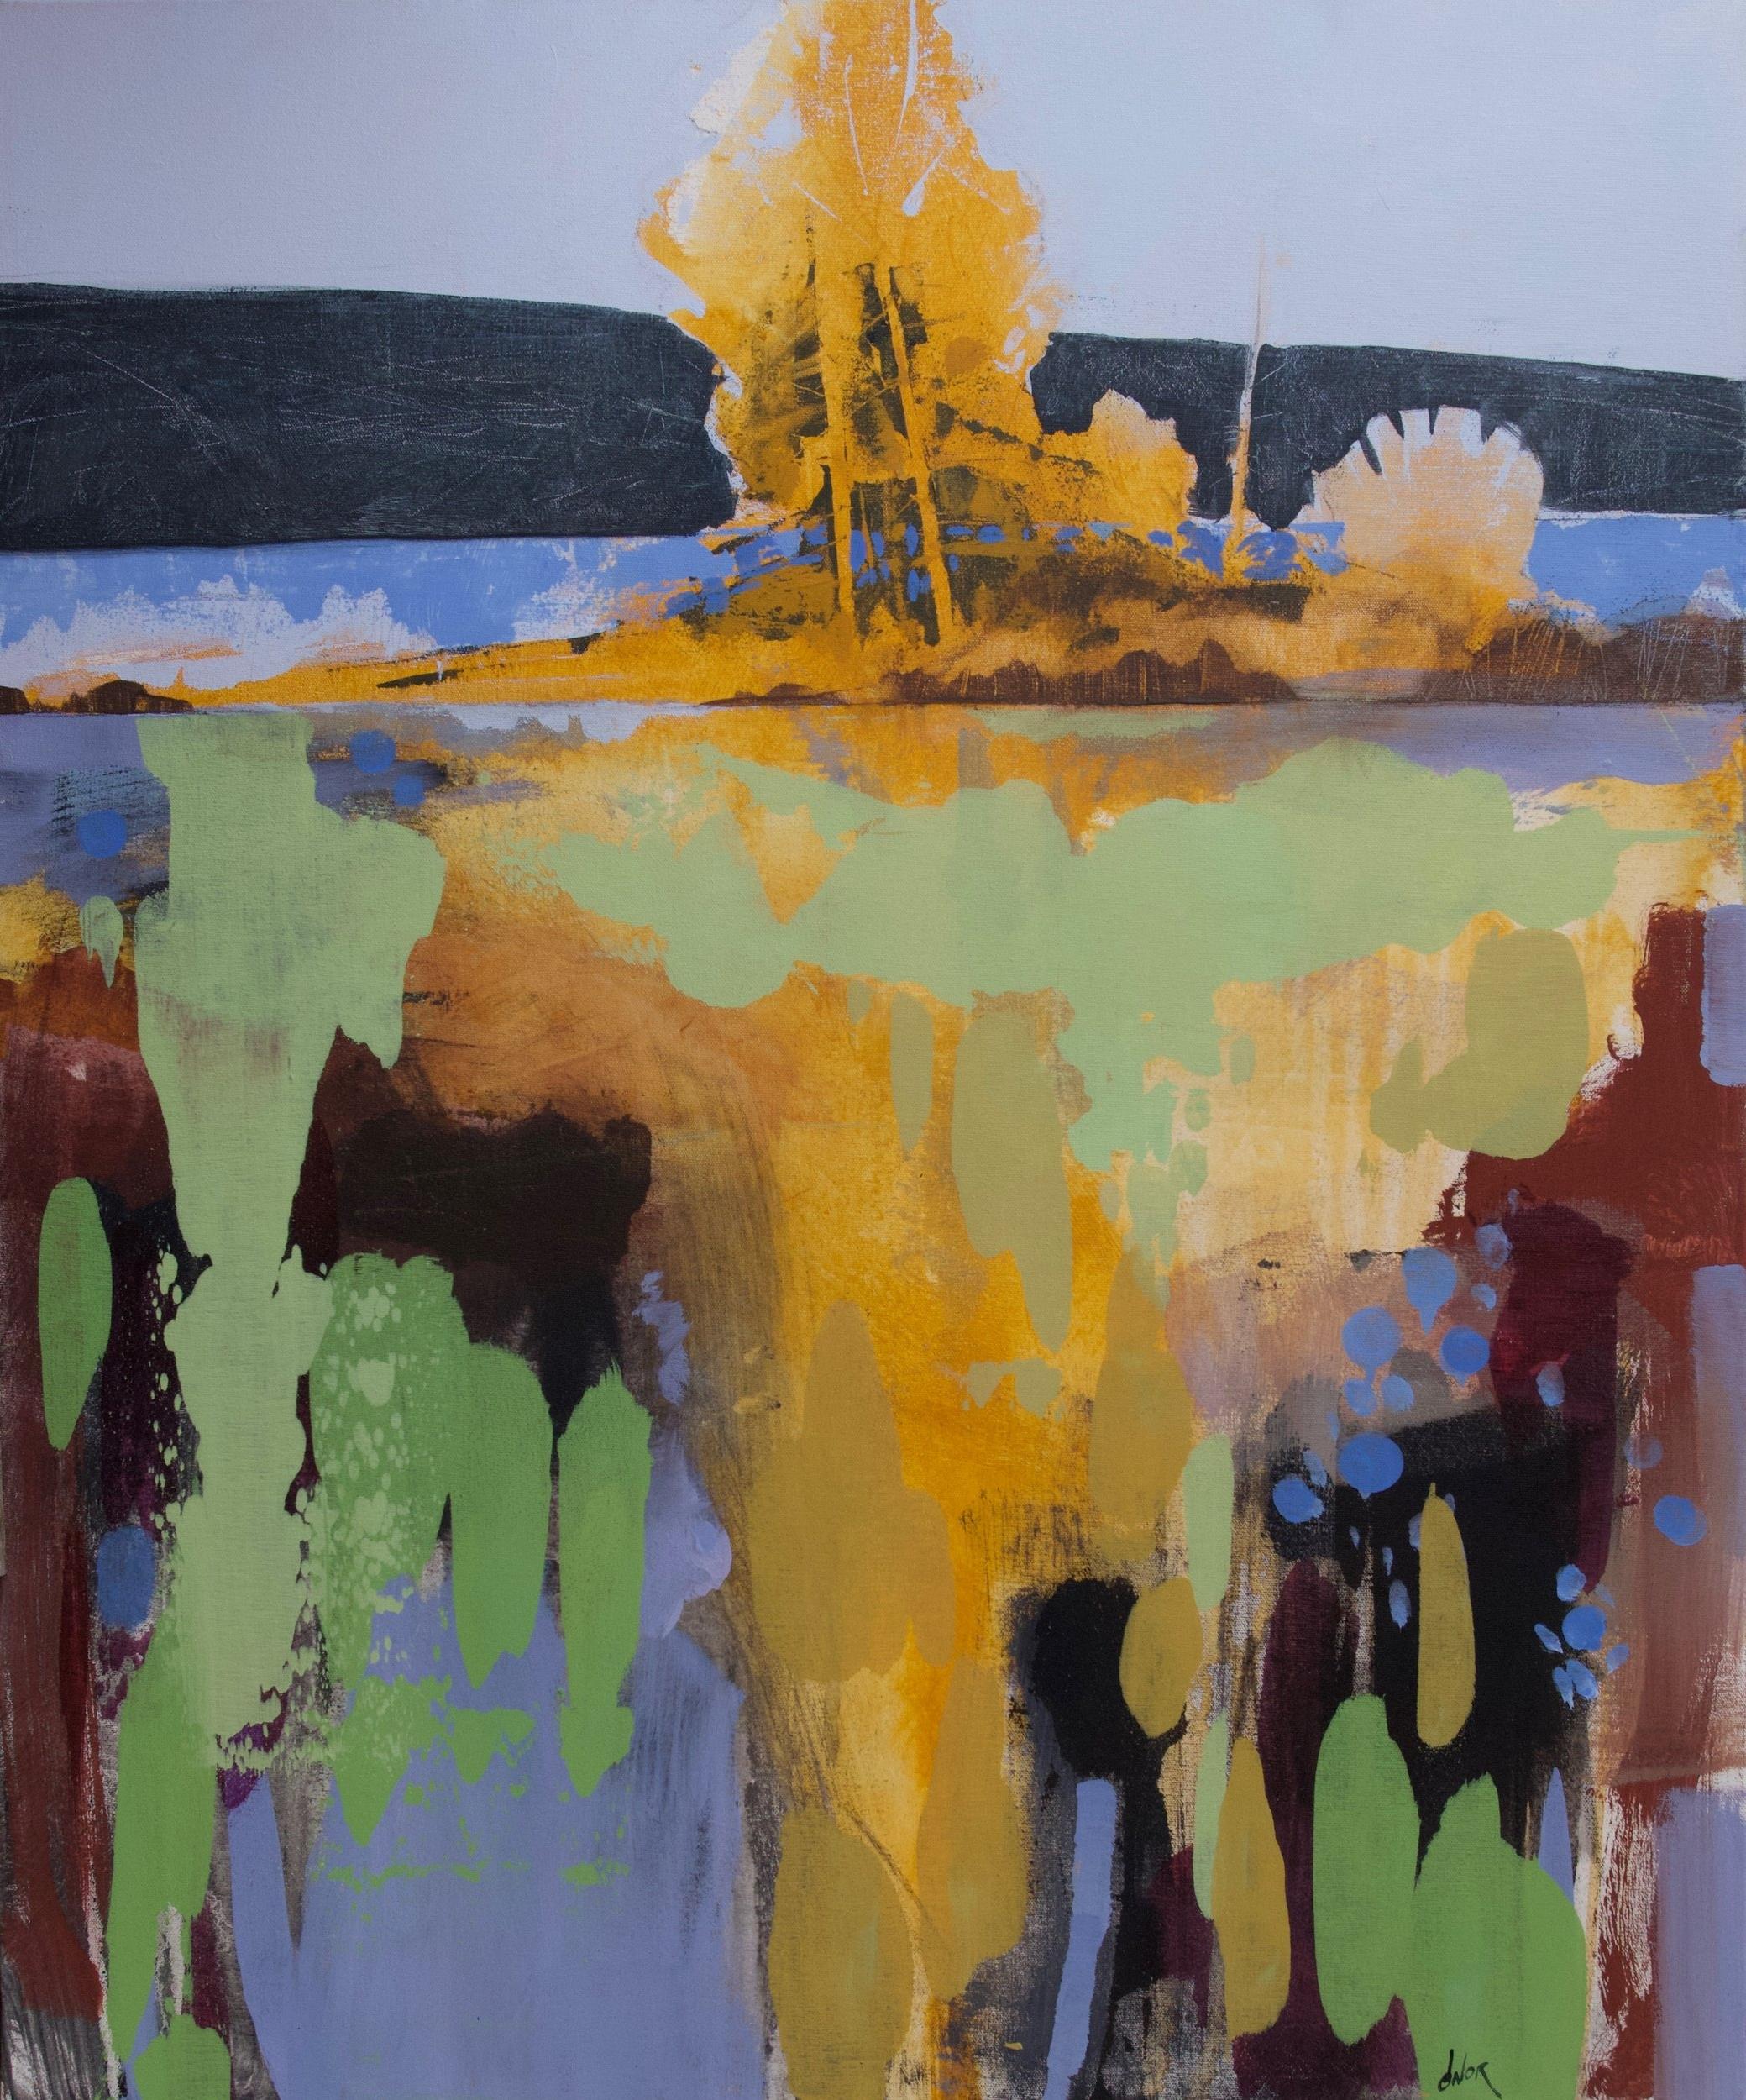 Mon Enfance est celle d'un Arbre,  acrylic on canvas, 30 x 36 in. (76 x 91.5 cm)